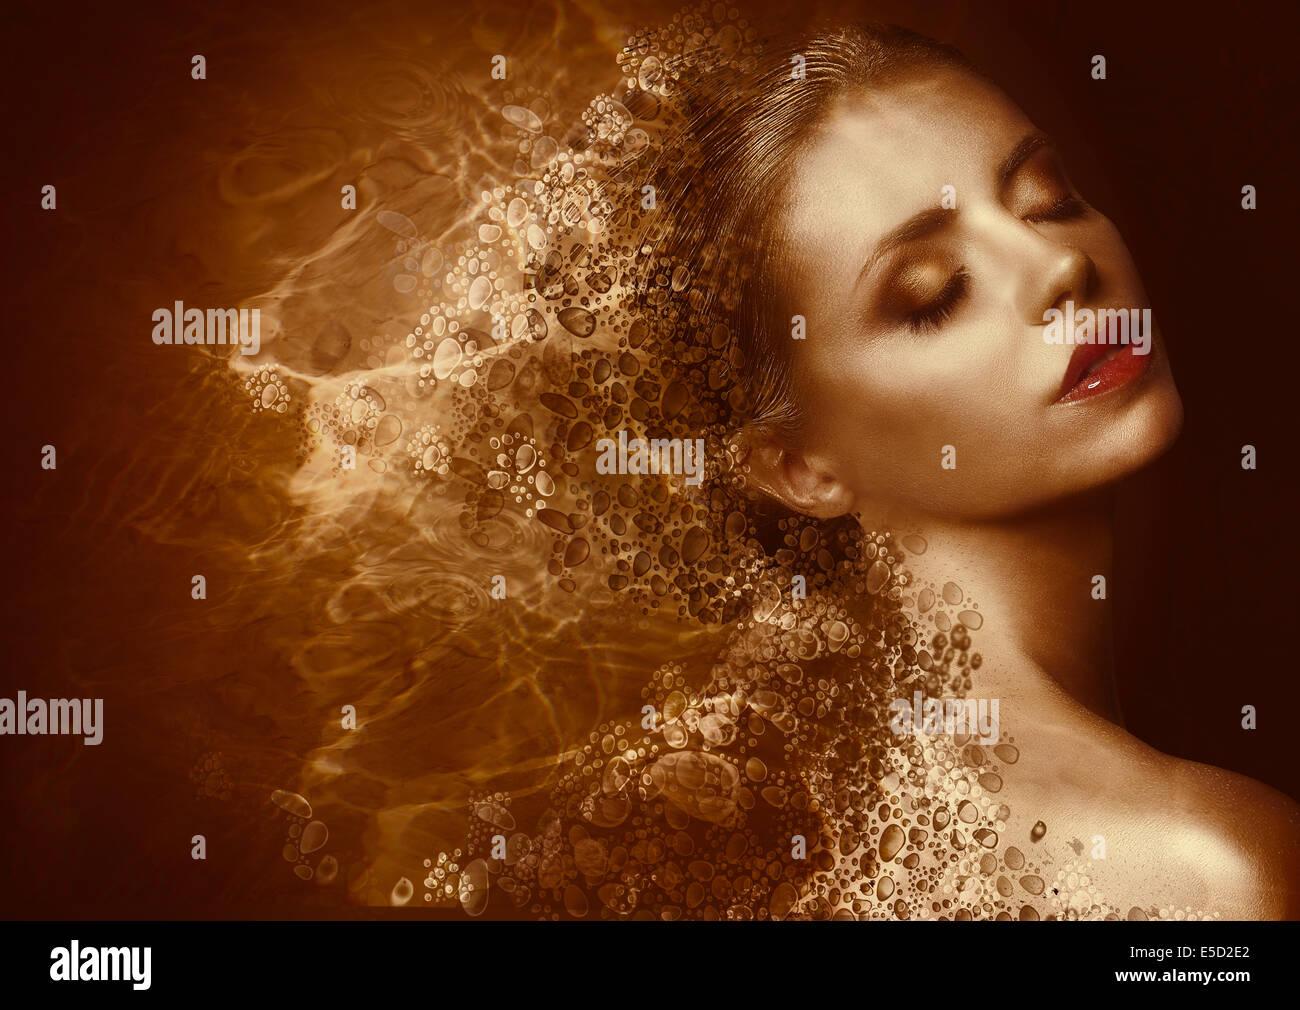 Éclaboussures d'or. Femme futuriste peint avec des boutons de la peau. Fantasy Photo Stock